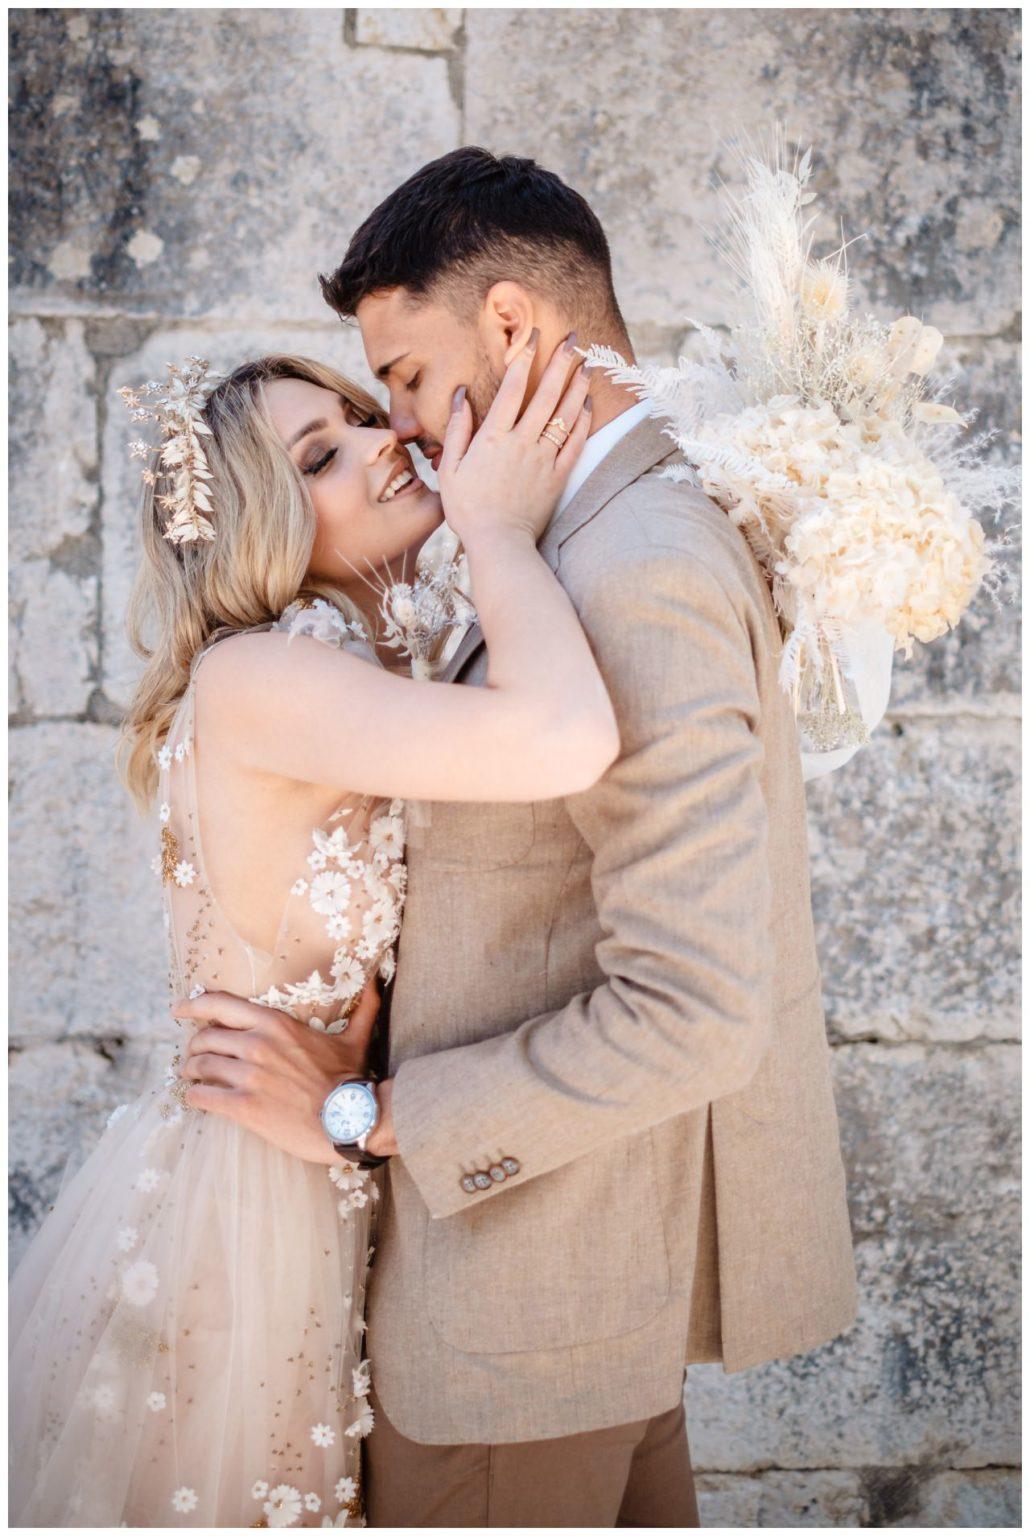 Hochzeit Kroatien Planung Hochzeitsplaner Trockenblumen Fotograf 32 - Natürliche Hochzeit mit Trockenblumen